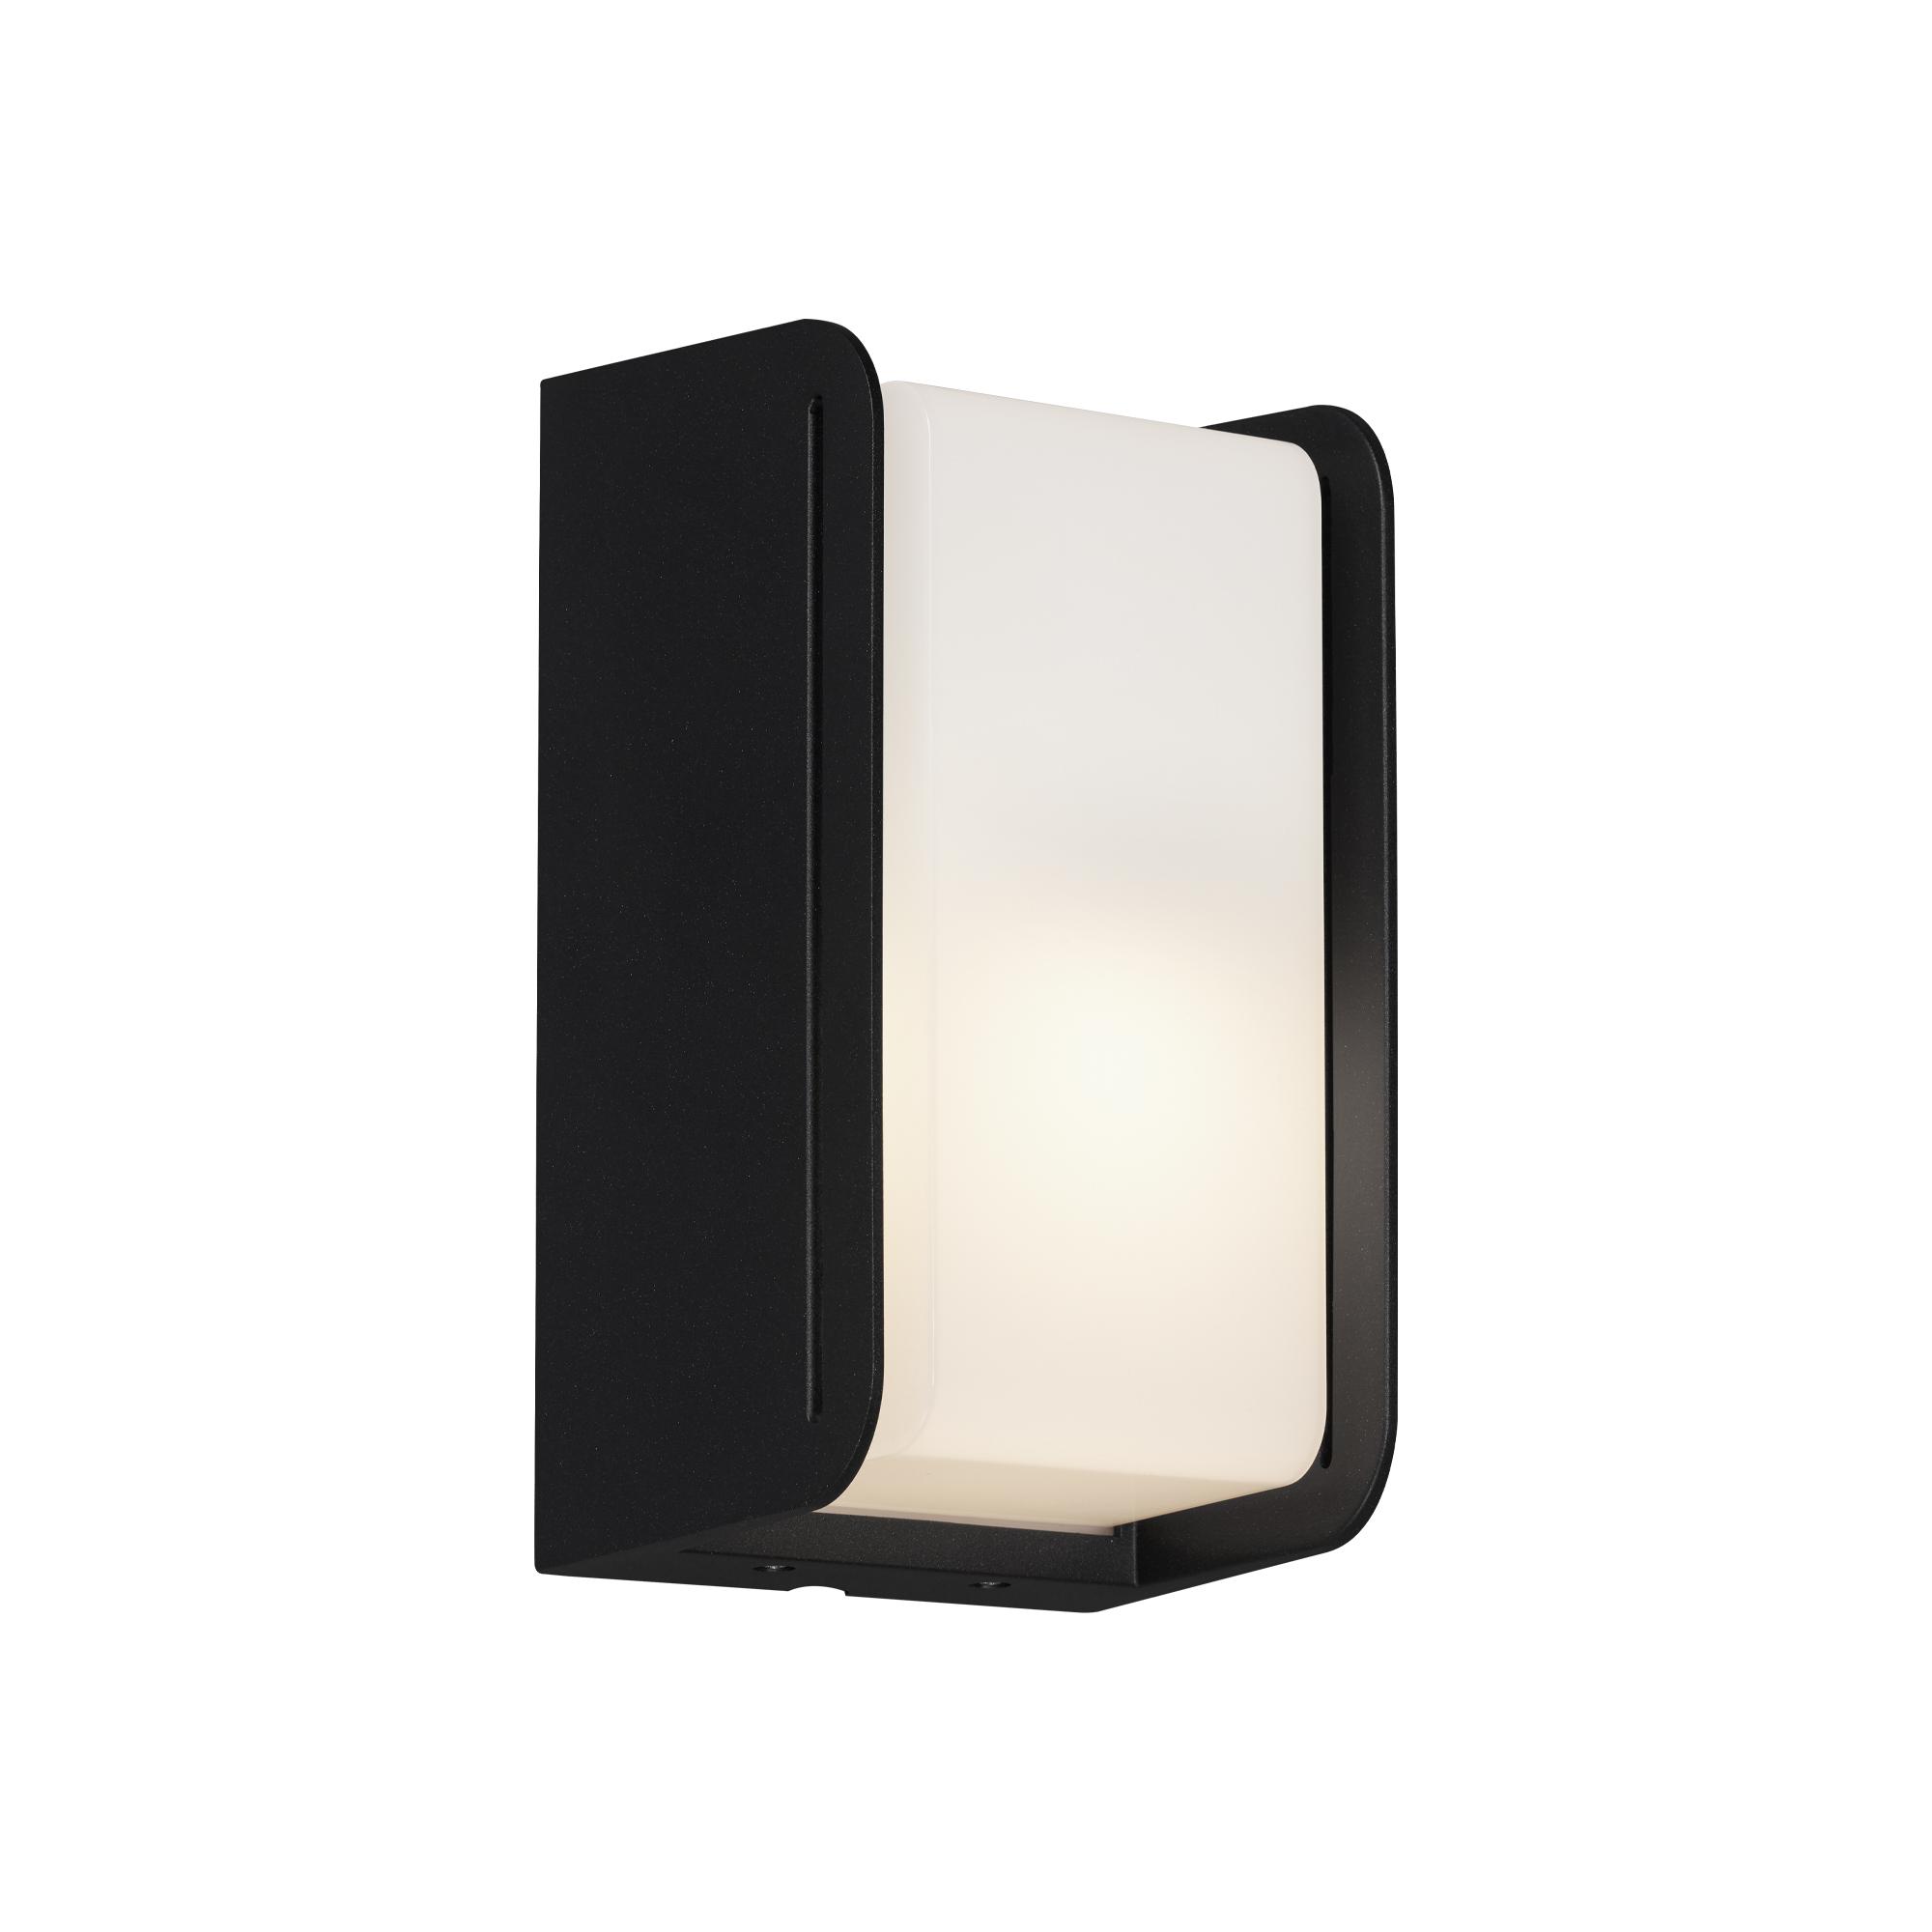 LED Ausseleuchte, 21,5 cm, max. 12 W, Schwarz